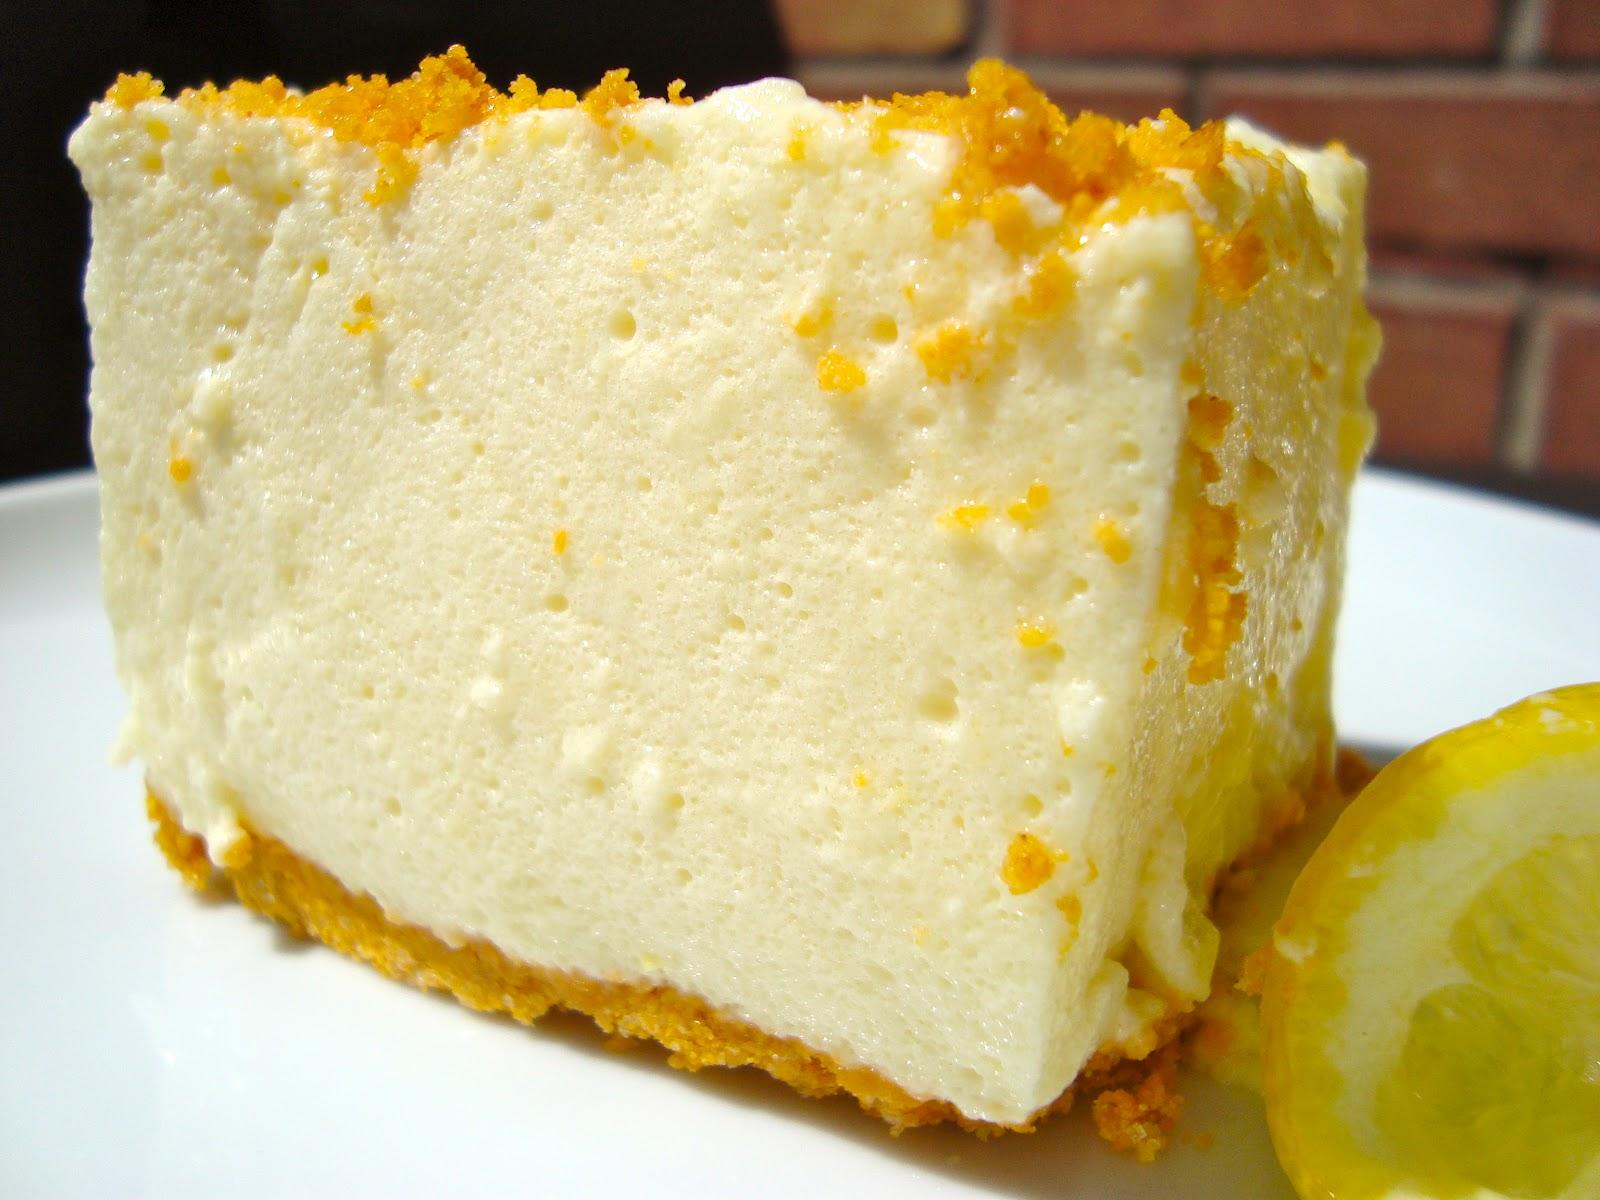 The Caker Lemon Cake